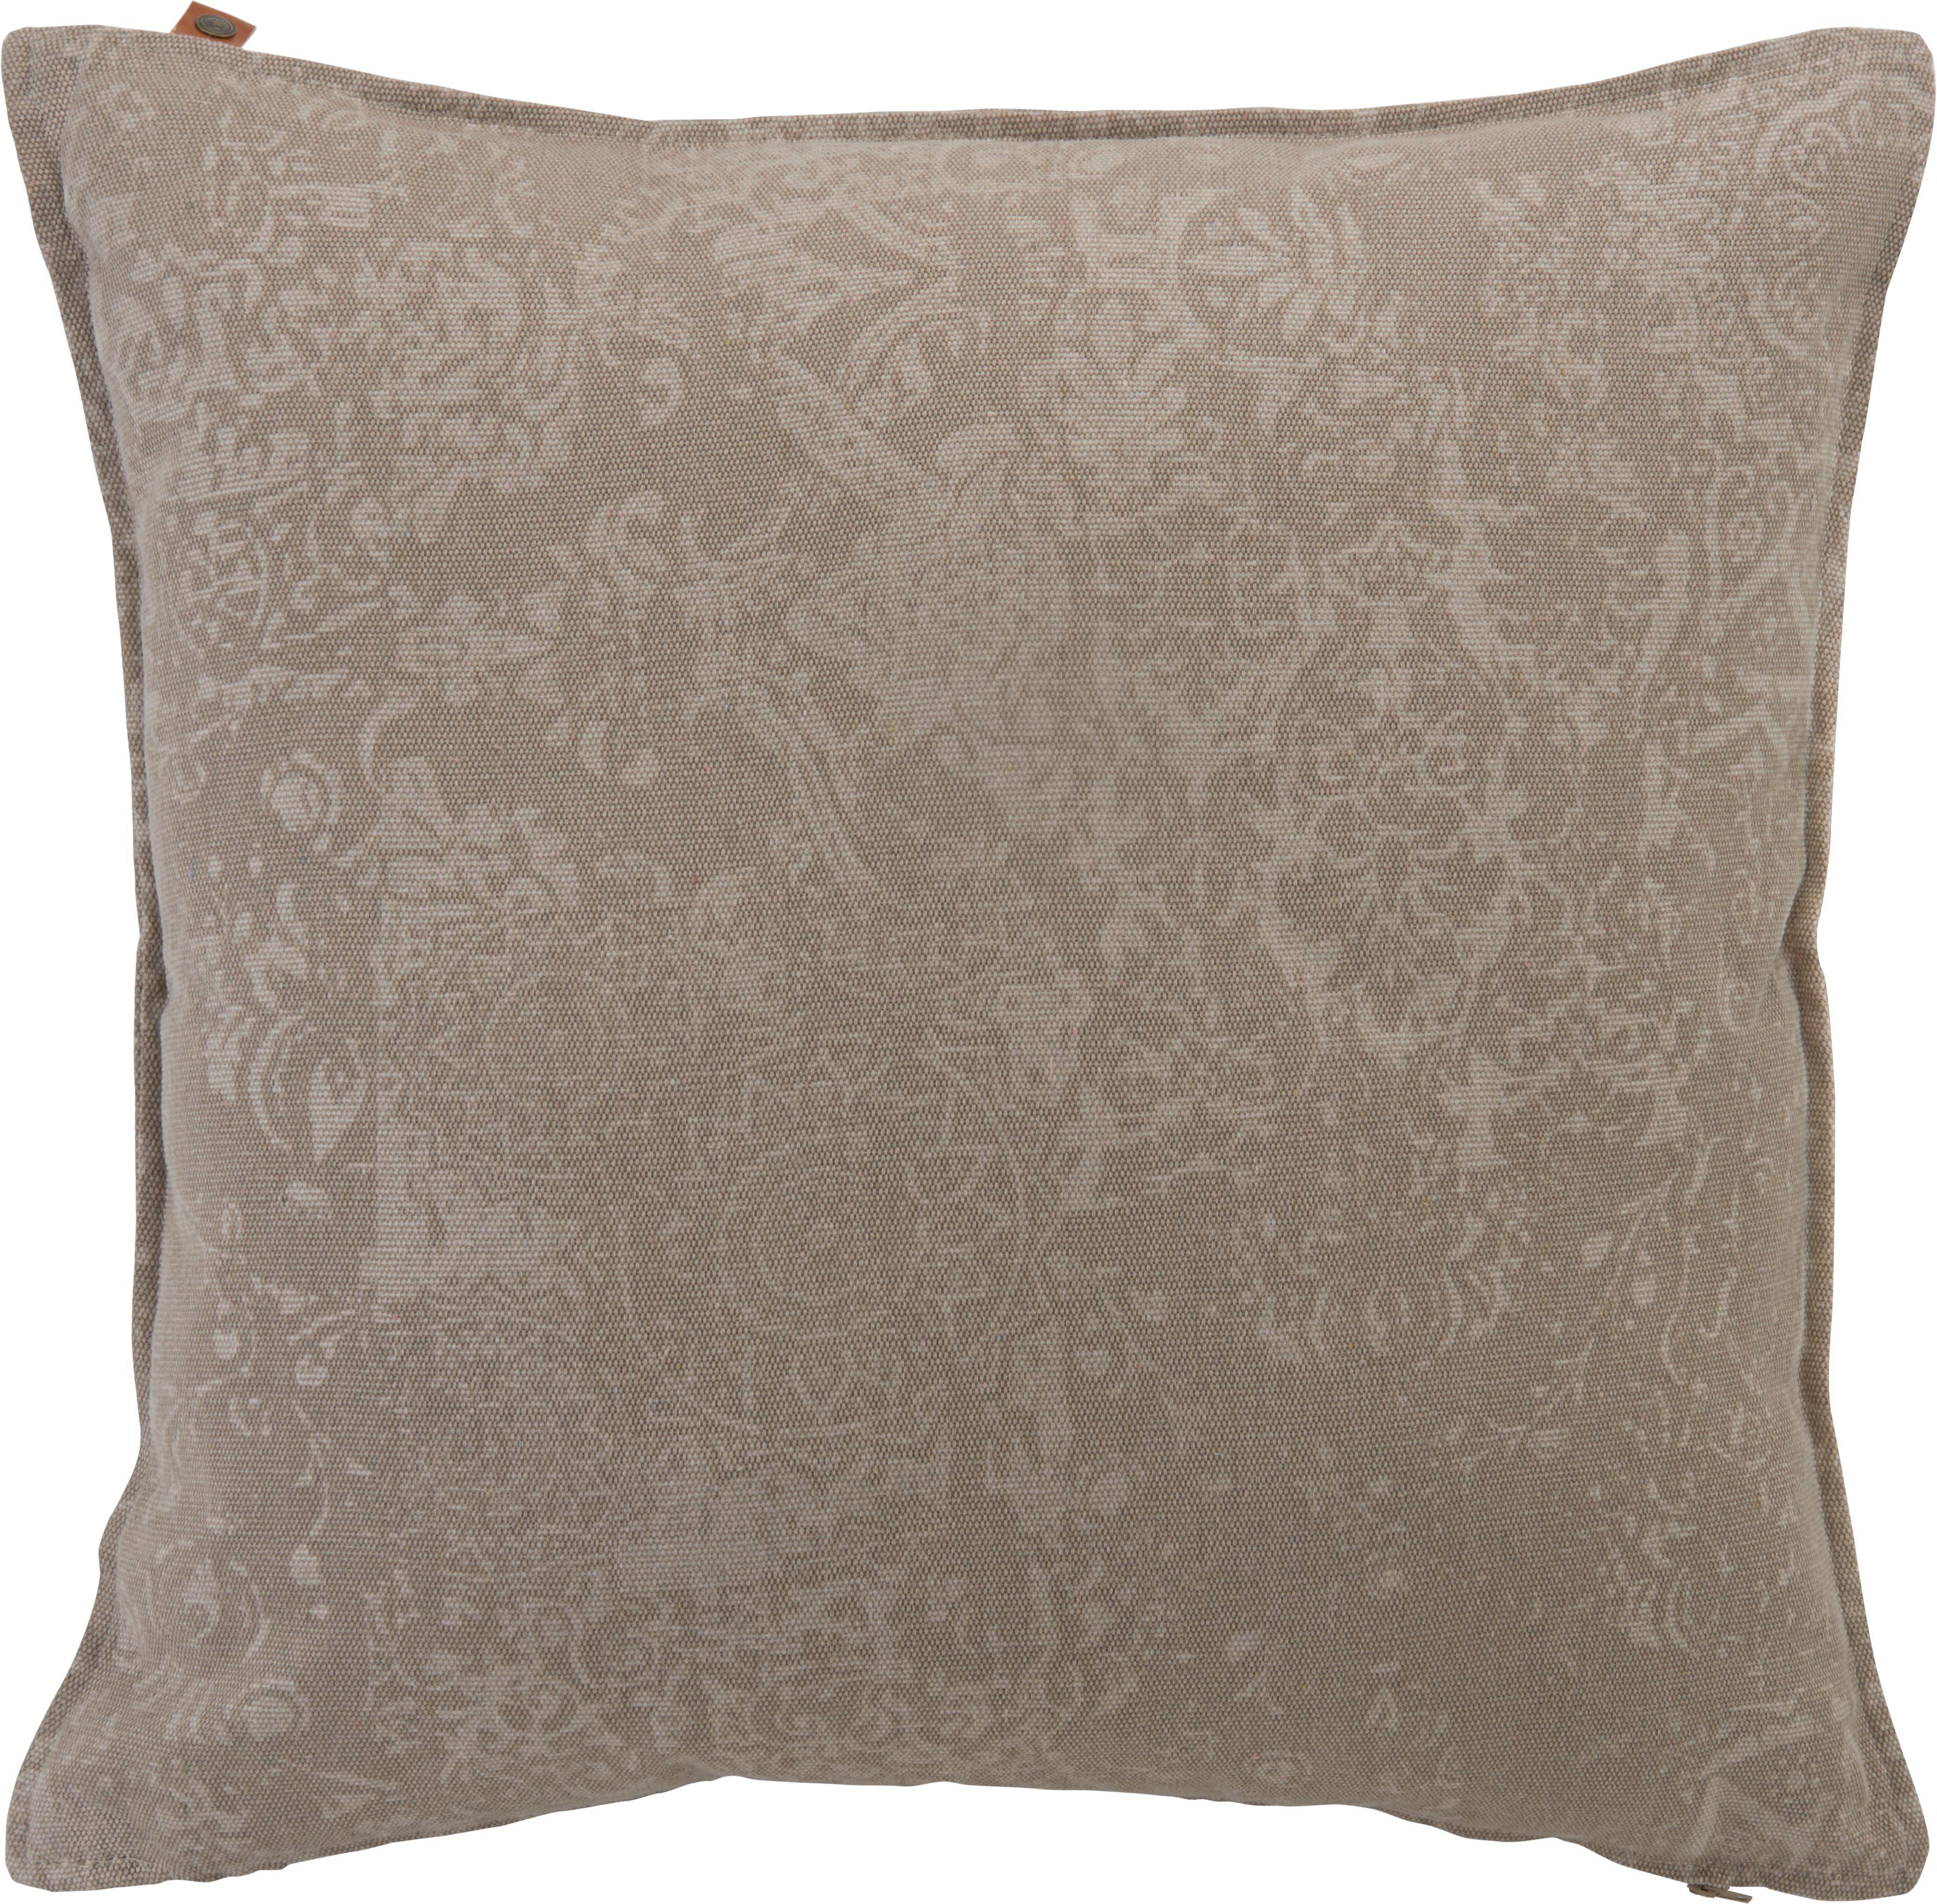 Zierkissen Karim 60x60cm - Sandfarben, MODERN, Textil (60/60cm)